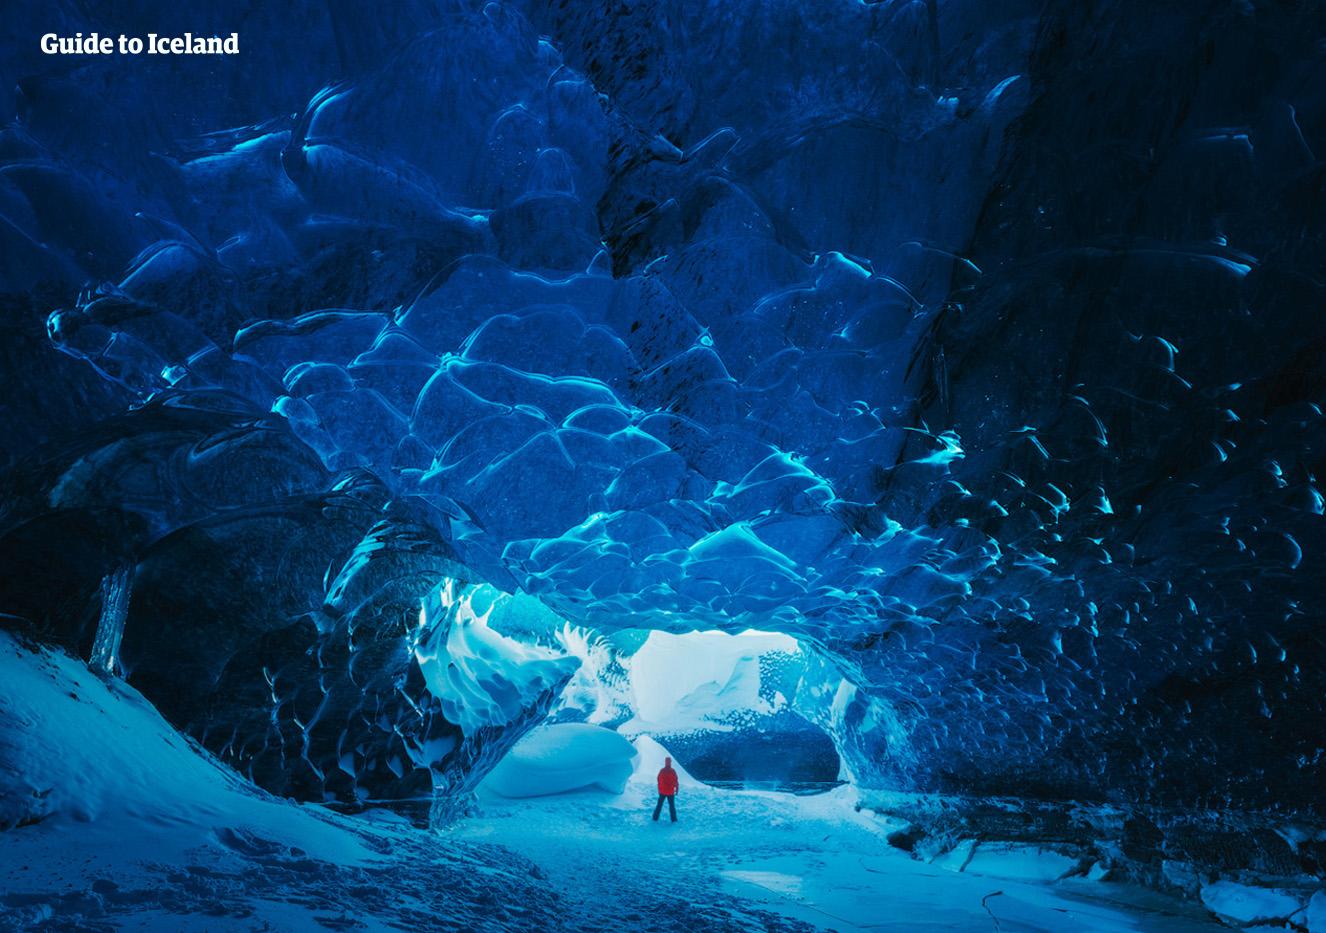 ทัวร์สำรวจถ้ำน้ำแข็งในวัทนาโจกุล จะพาคุณไปสู่โลกที่ซ่อนอยู่ภายใต้แผ่นน้ำแข็งที่ใหญ่ที่สุดของยุโรป.